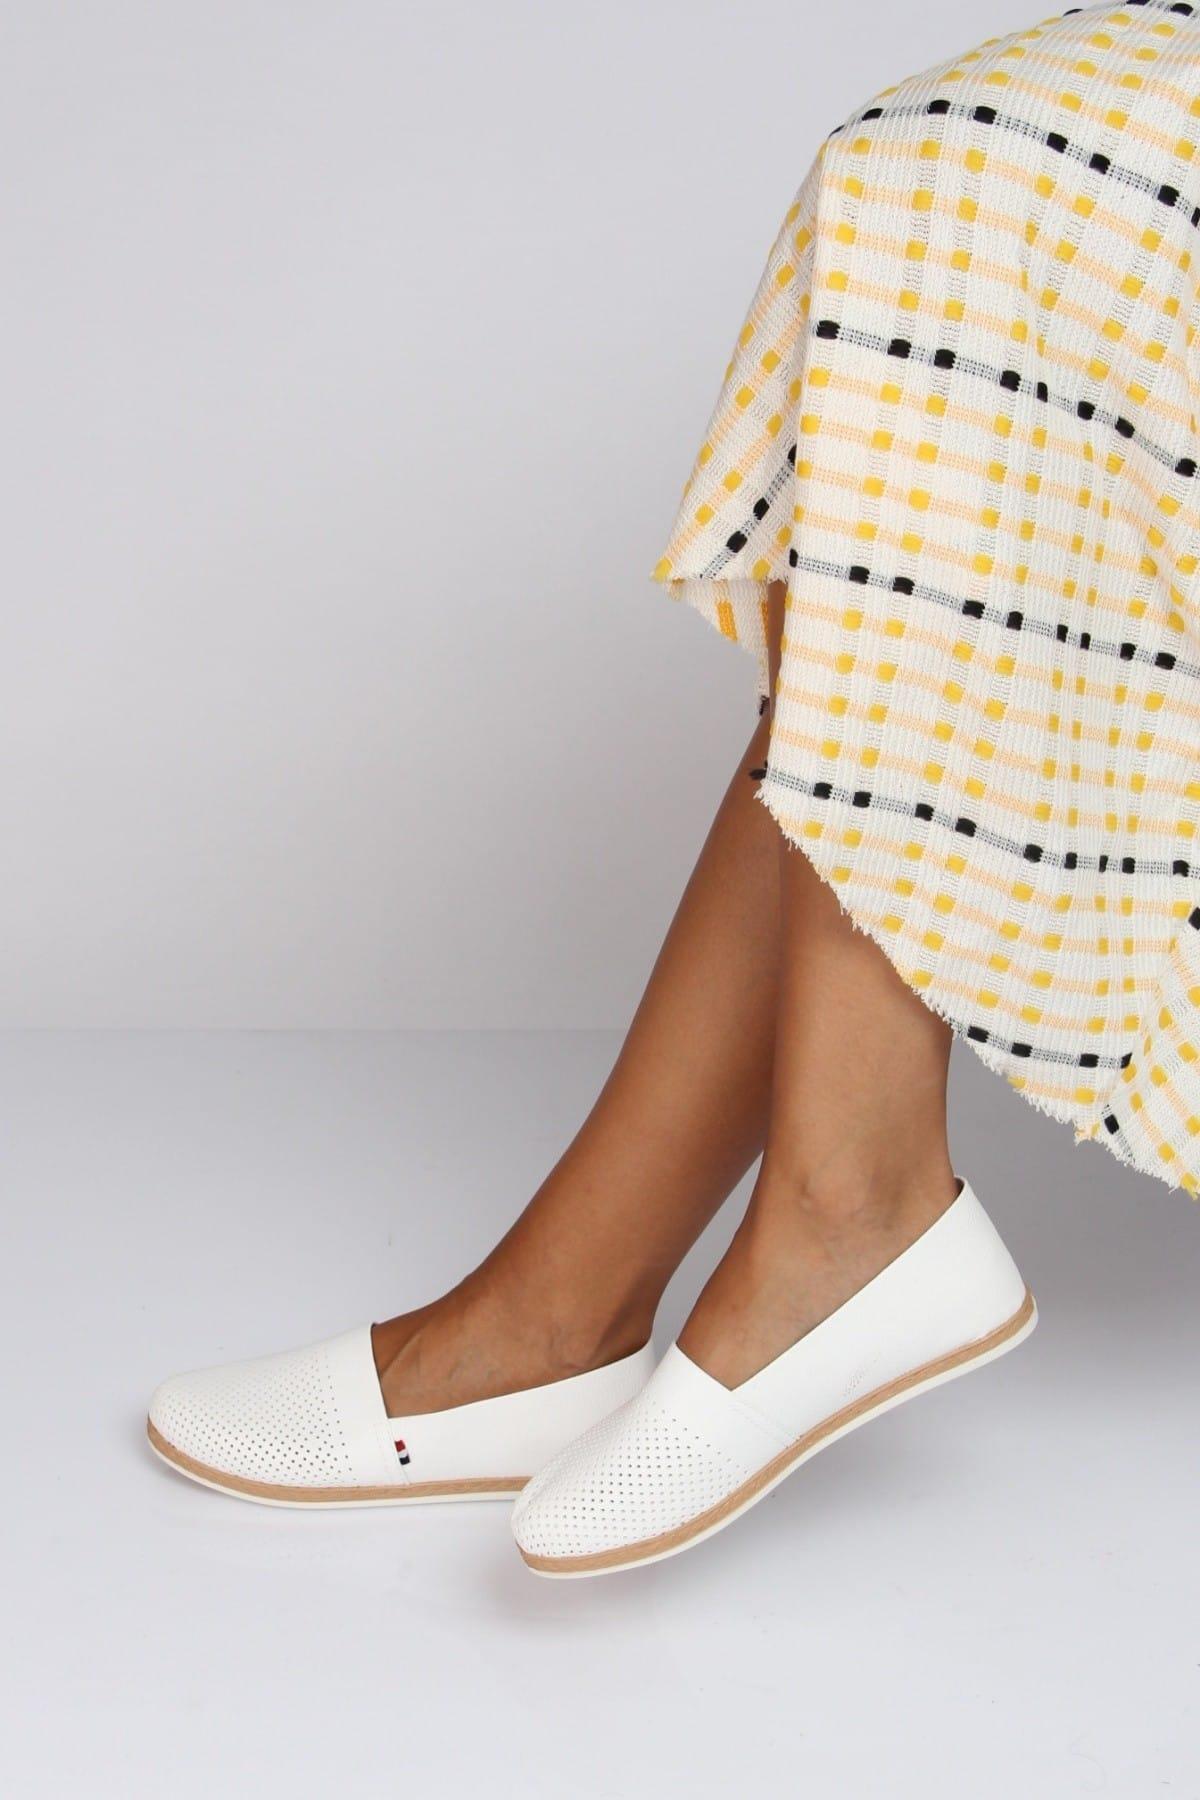 Shoes Time Beyaz Kadın Babet 19Y 151 2